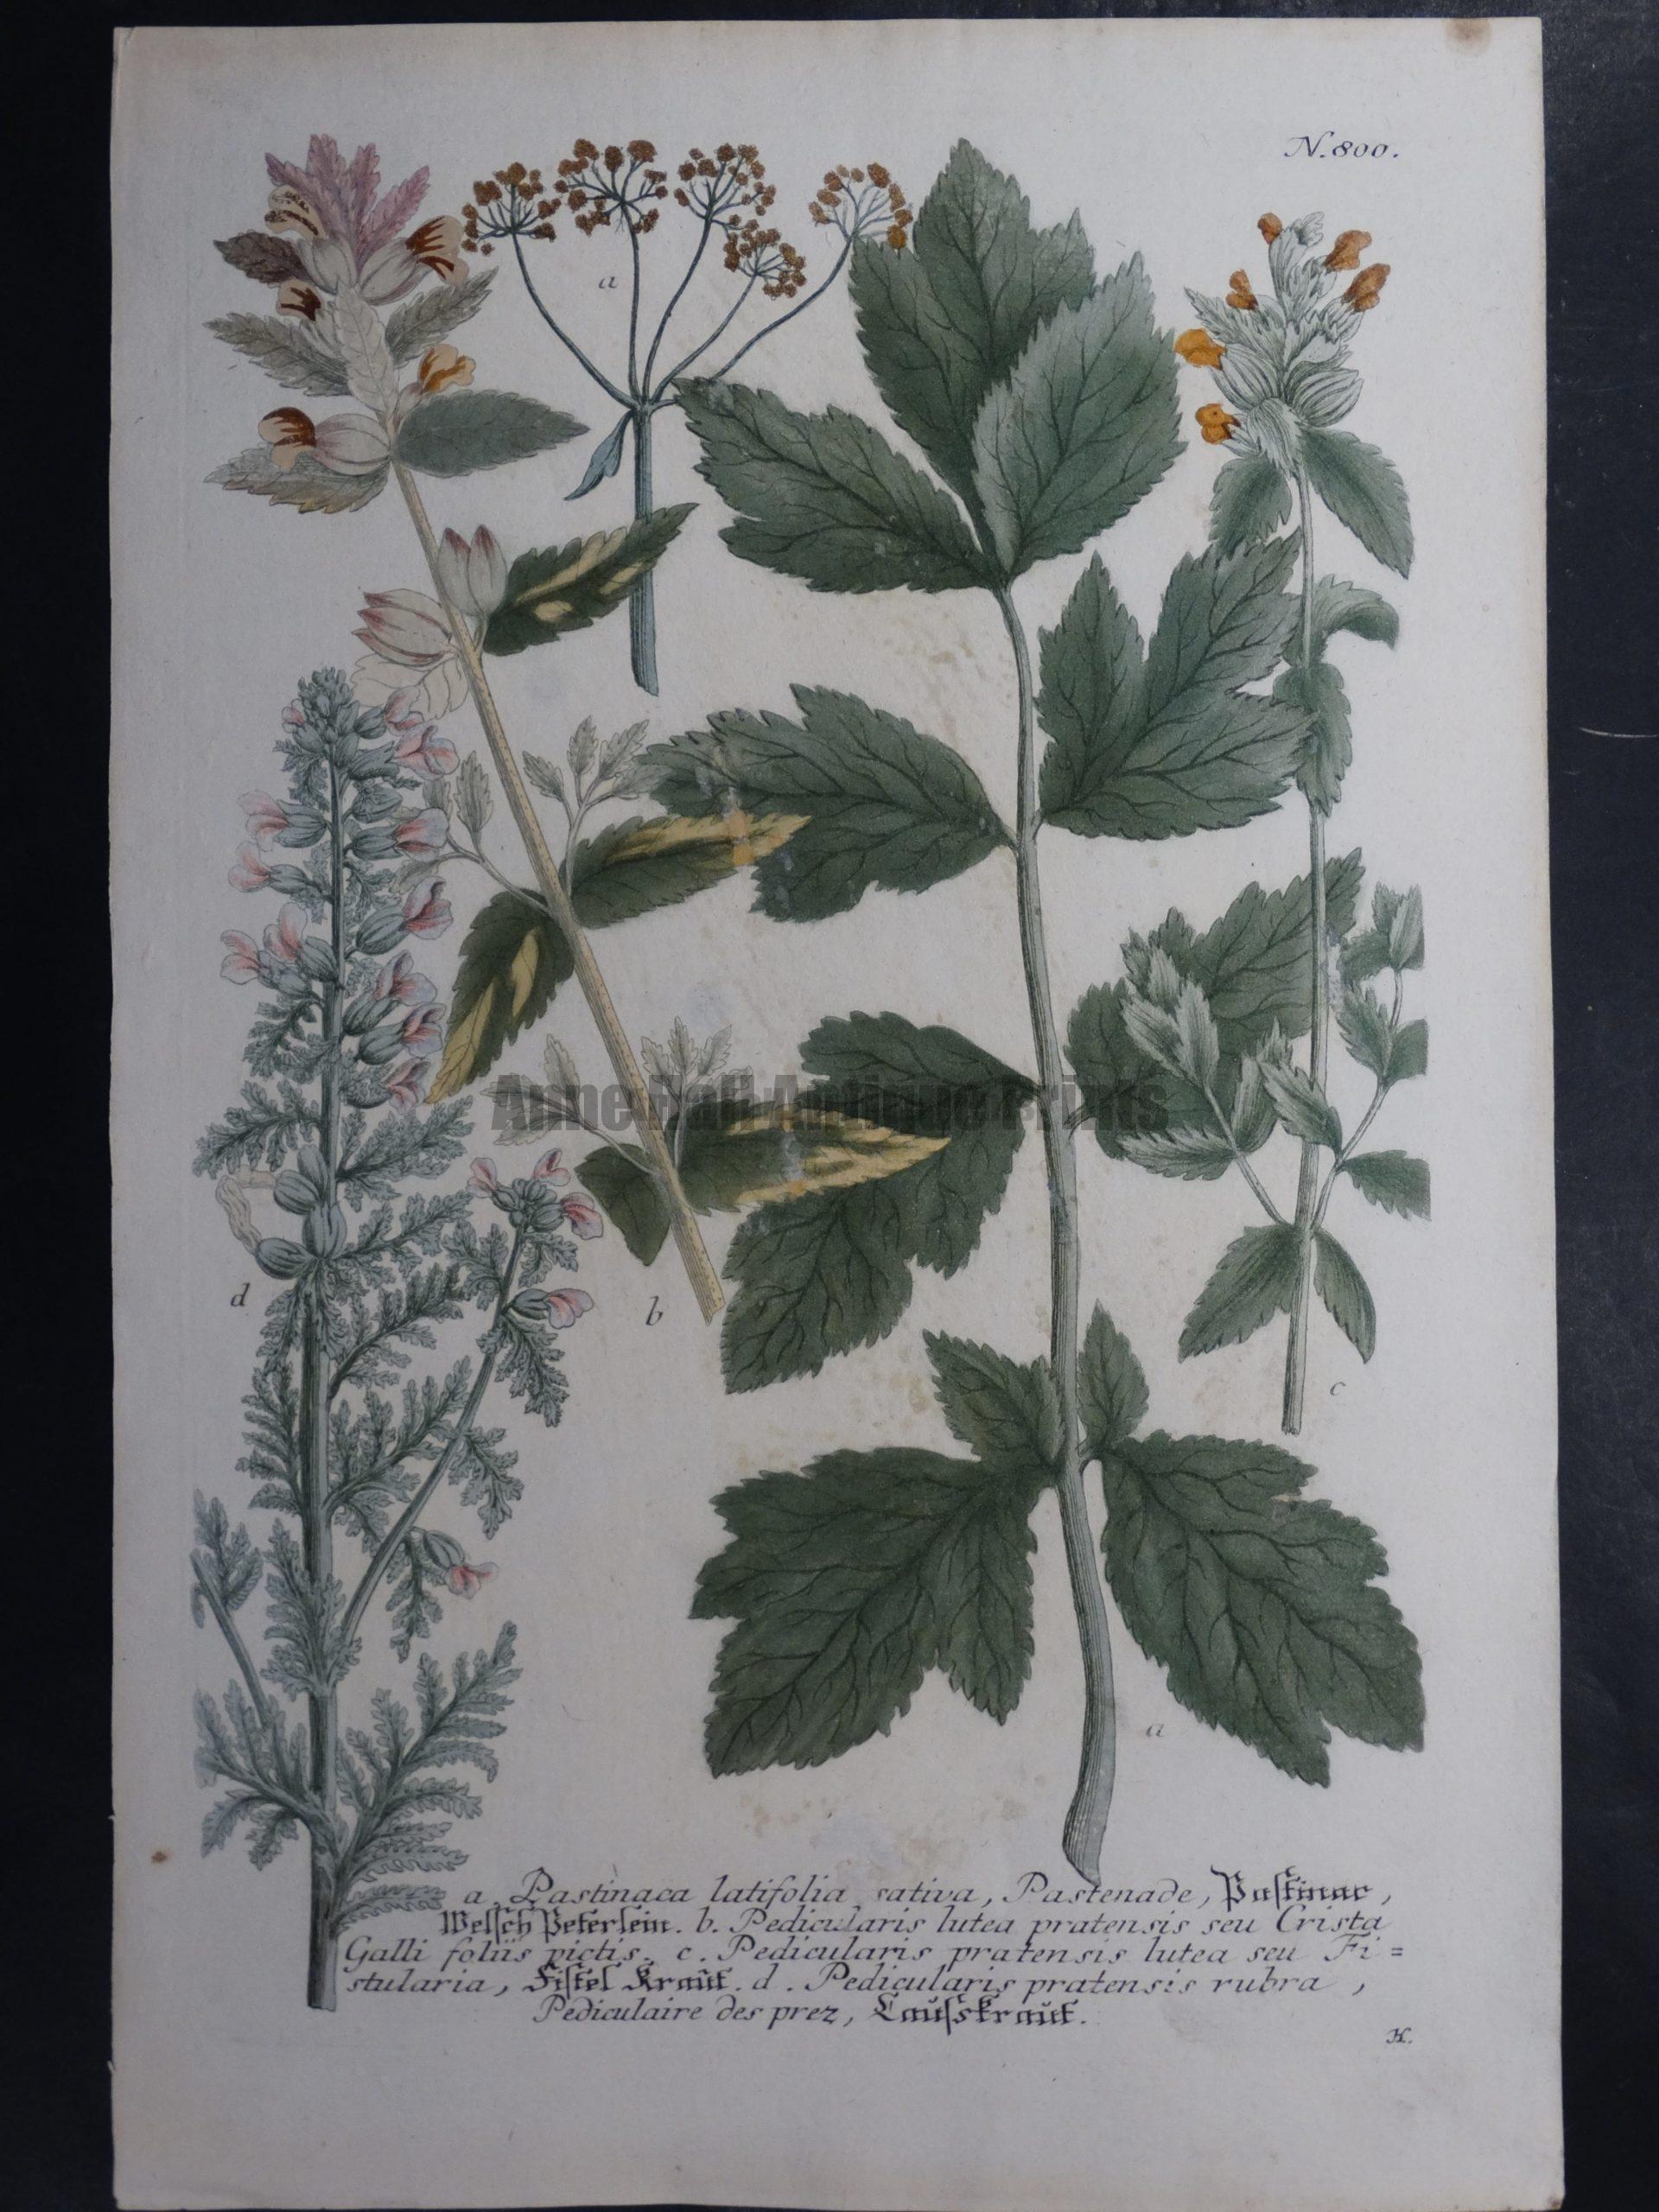 Weinmann Pastinaca Johann Wilhelm Weinmann Phytanthoza iconographia. 1737-1745.  9.5x15.25 in.